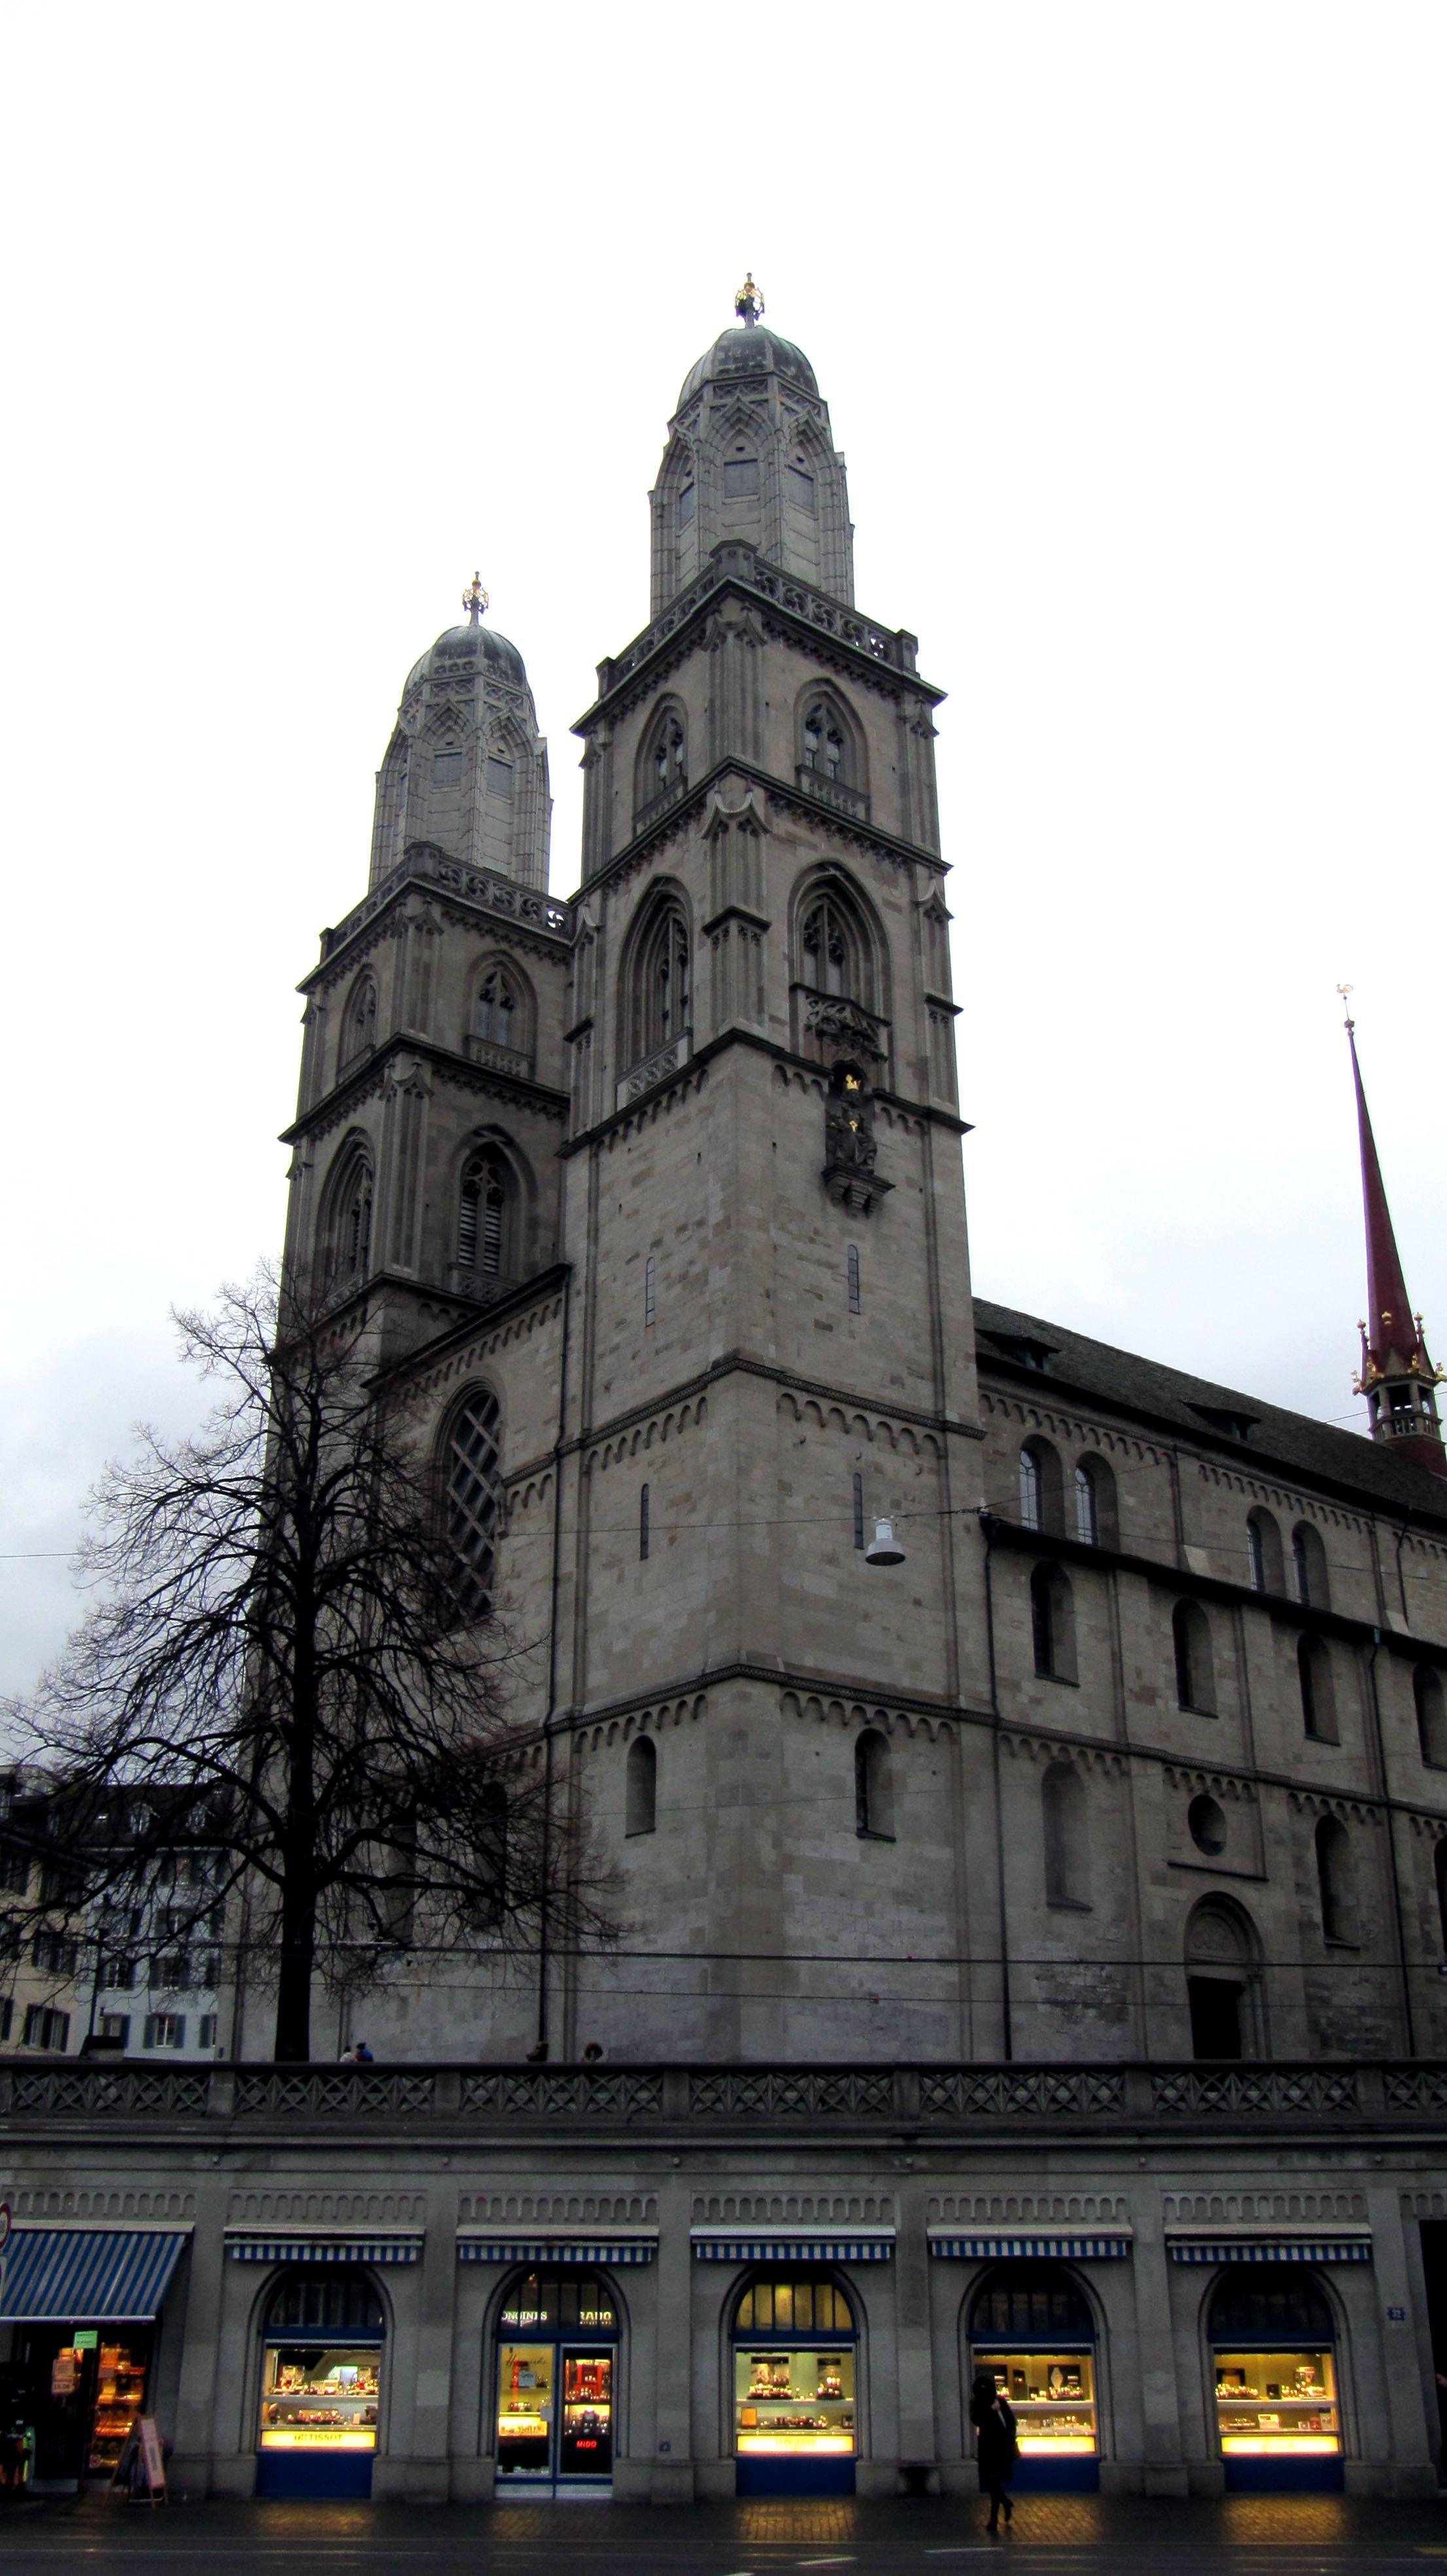 @ Zurich